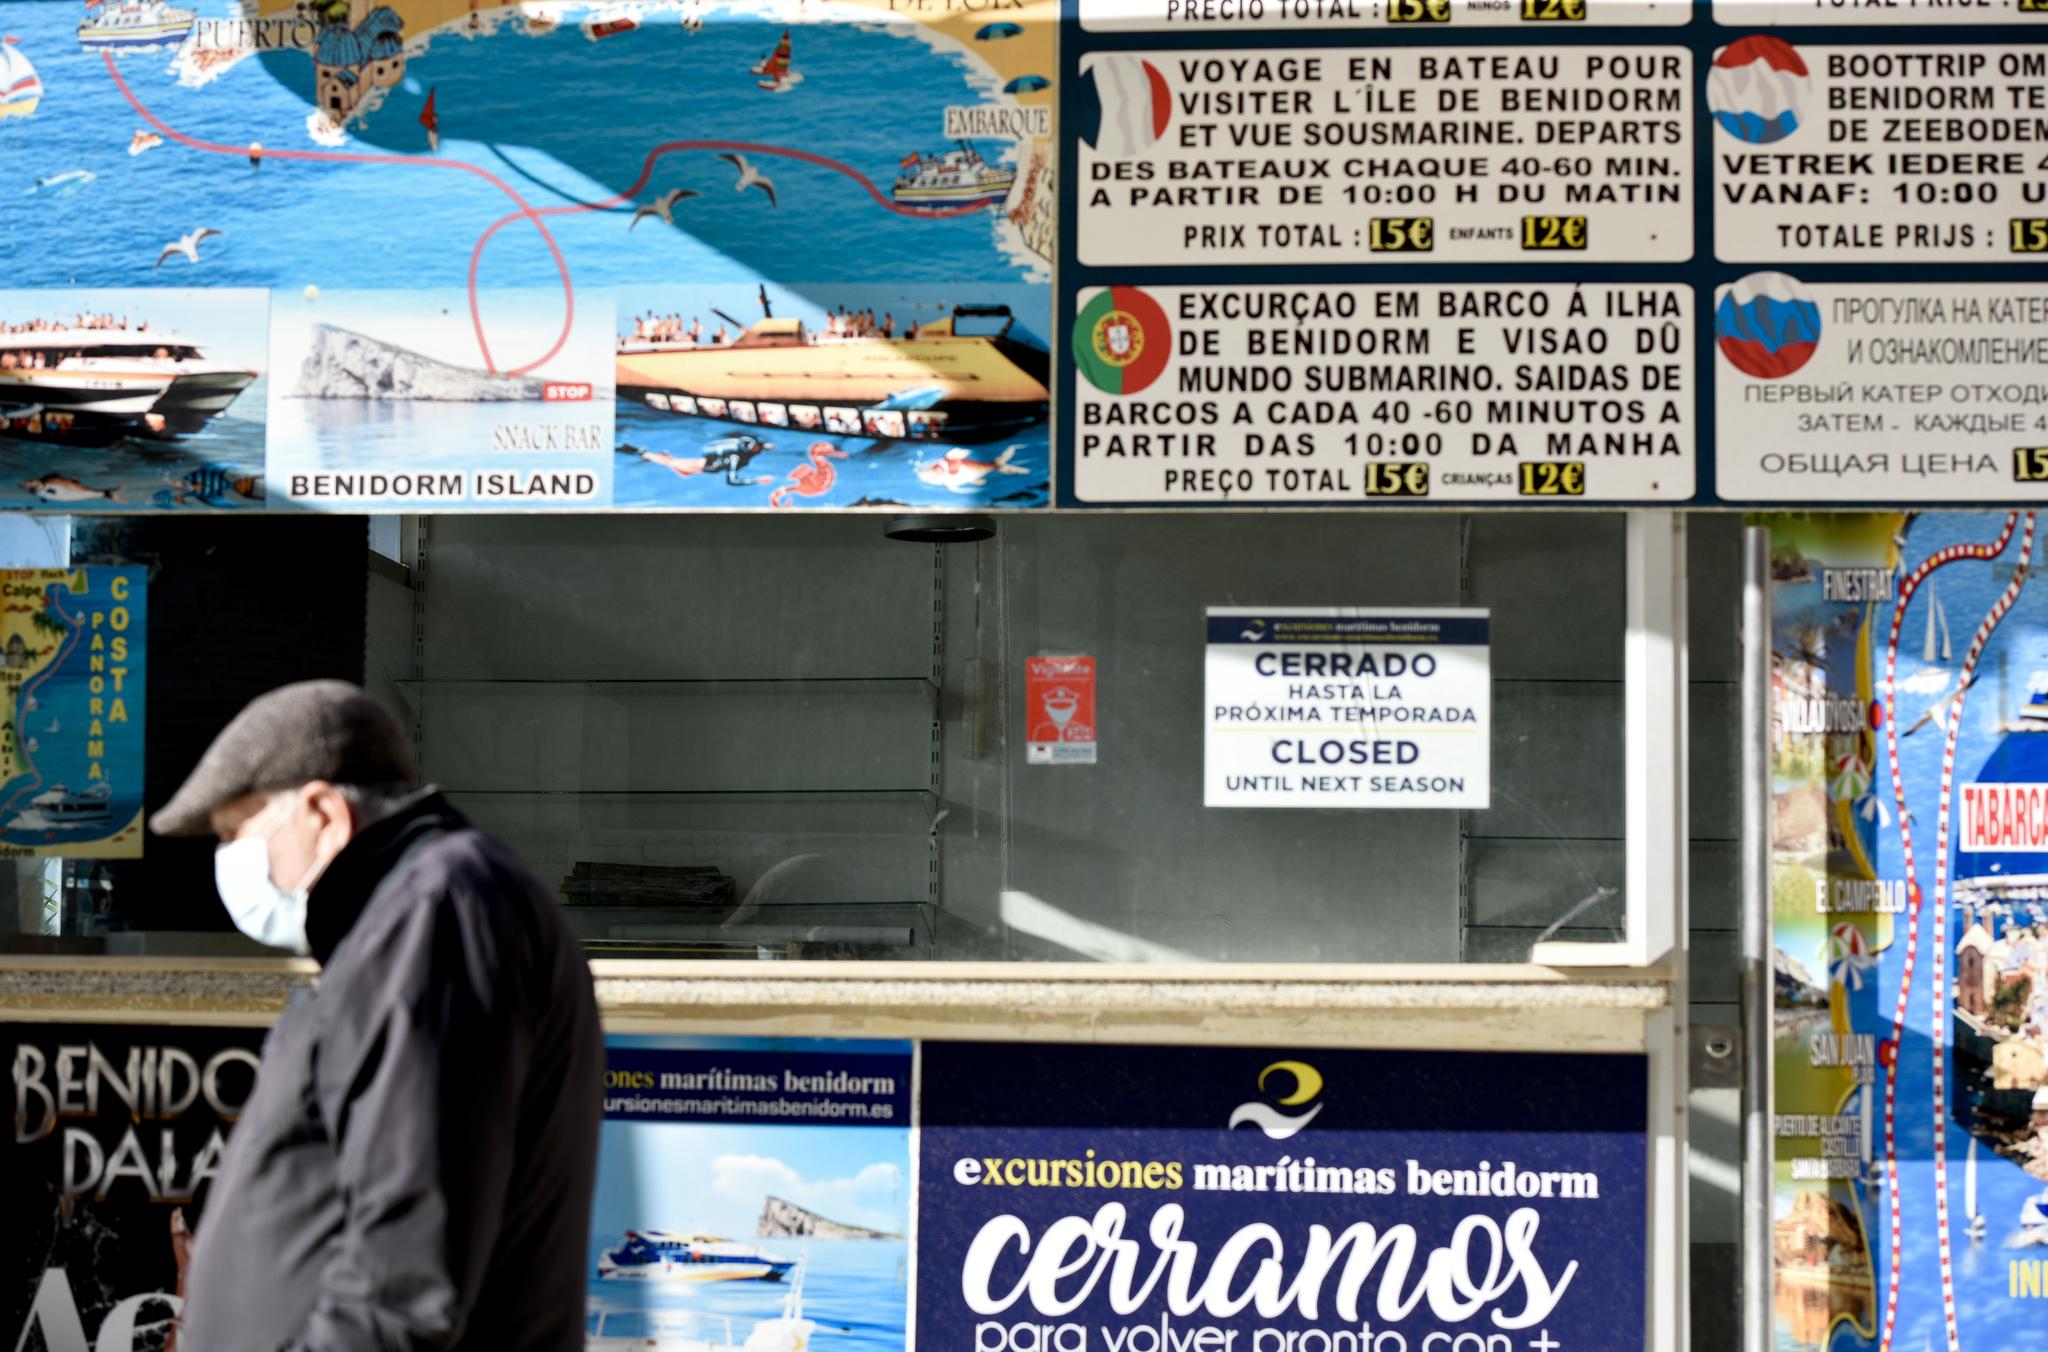 La maquinaria turística de Benidorm, cerrada a la espera de que la situación mejore.